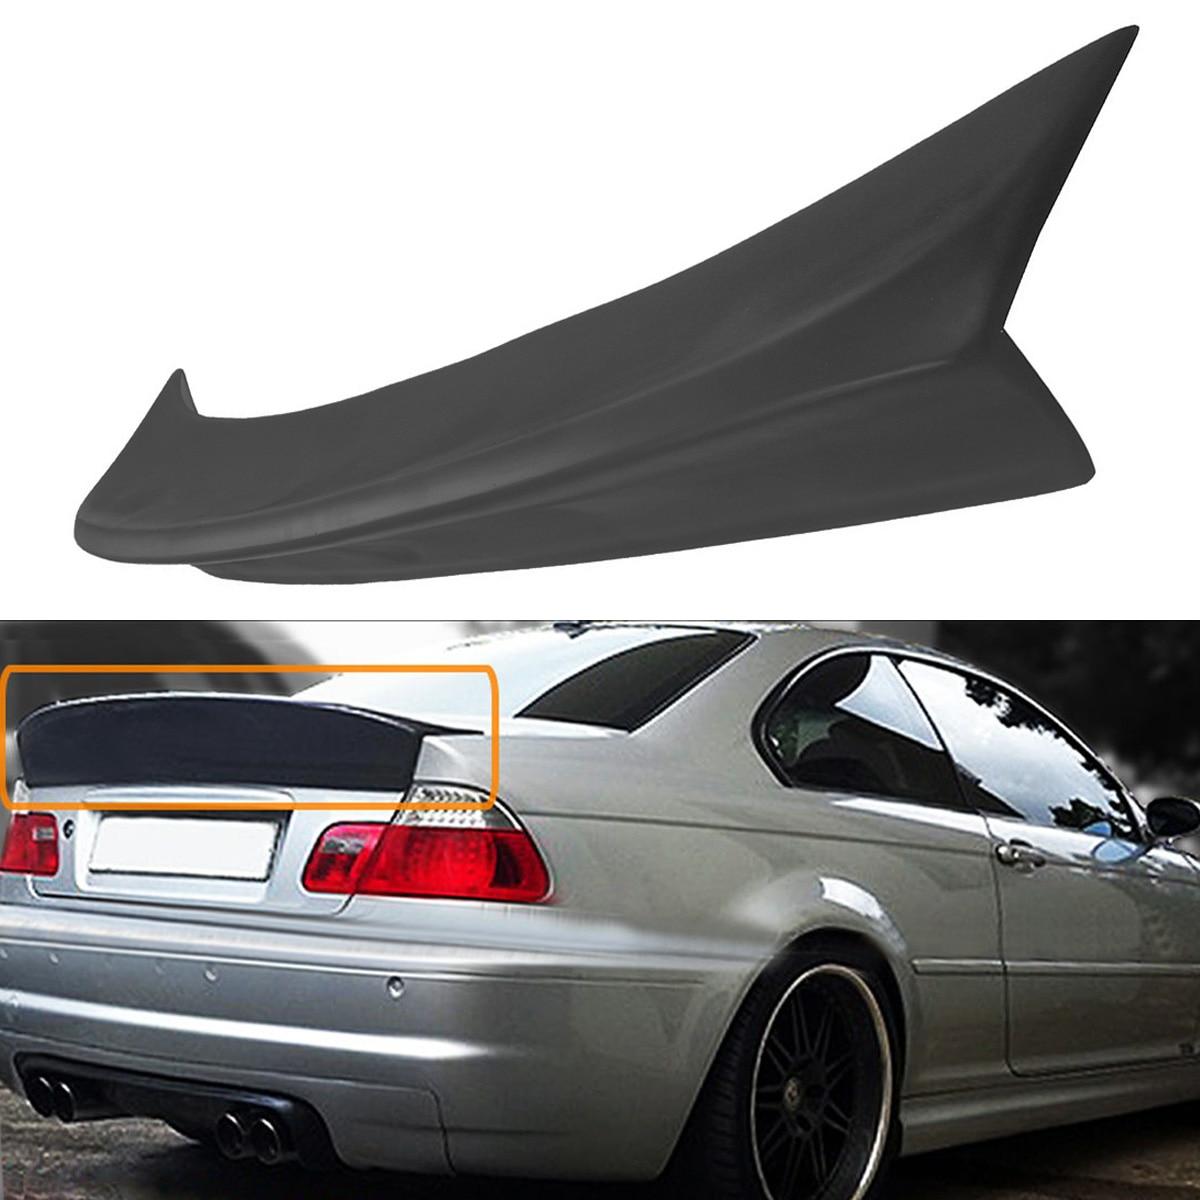 New Rear Polyurethane Trunk DuckBill HighKick Spoiler Wing Lid Spoiler for BMW E46 2DR Model M3 CSL Style 2001-2006 Black for bmw 3 series e46 m3 spoiler 2001 2002 2003 2004 2005 2dr 4dr black carbon fiber rear wing spoiler